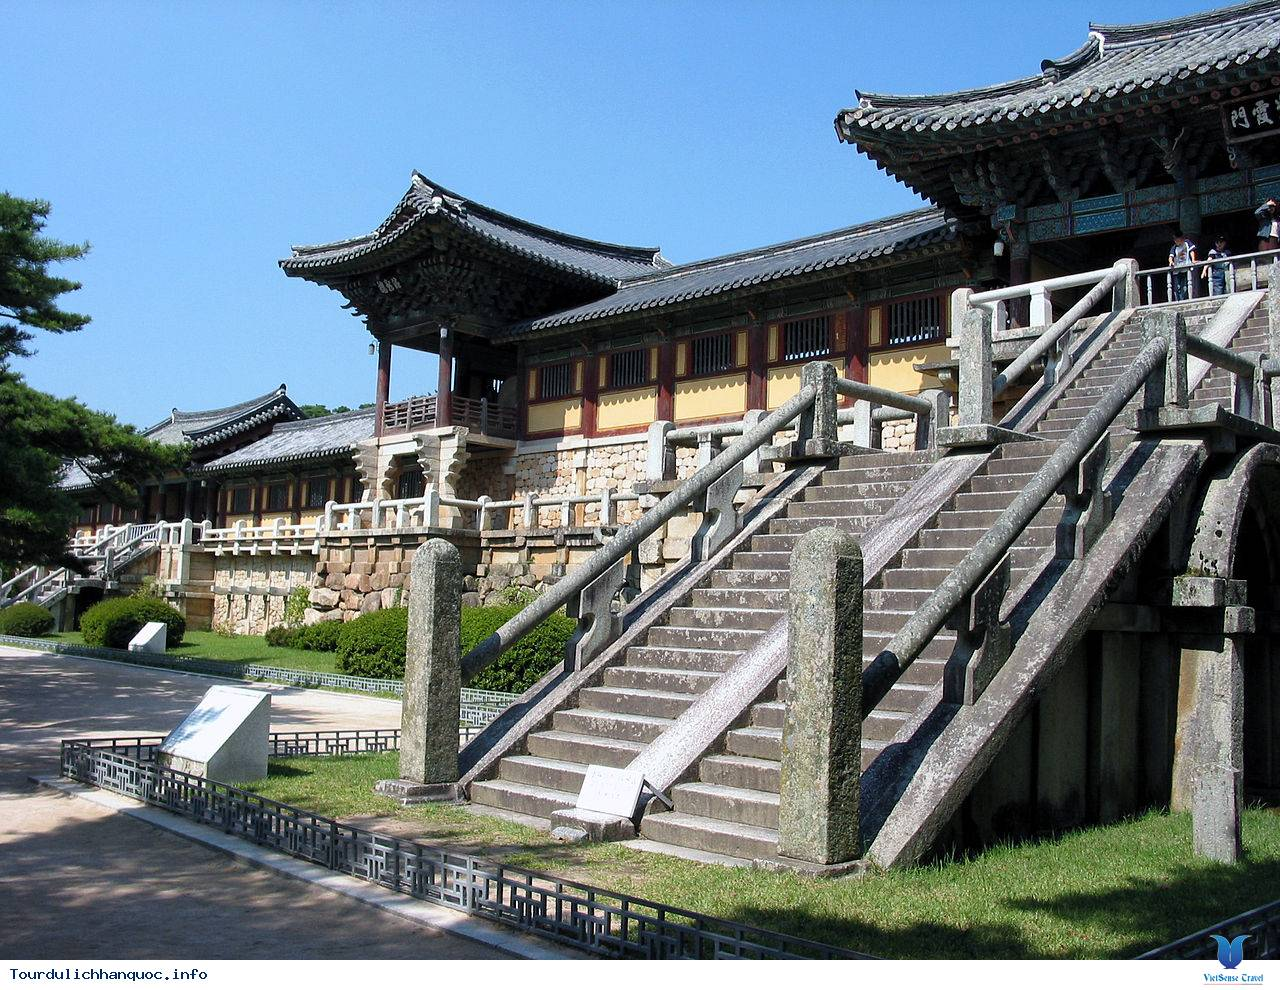 Du lịch Hàn Quốc: Bulguksa - Ảnh 3